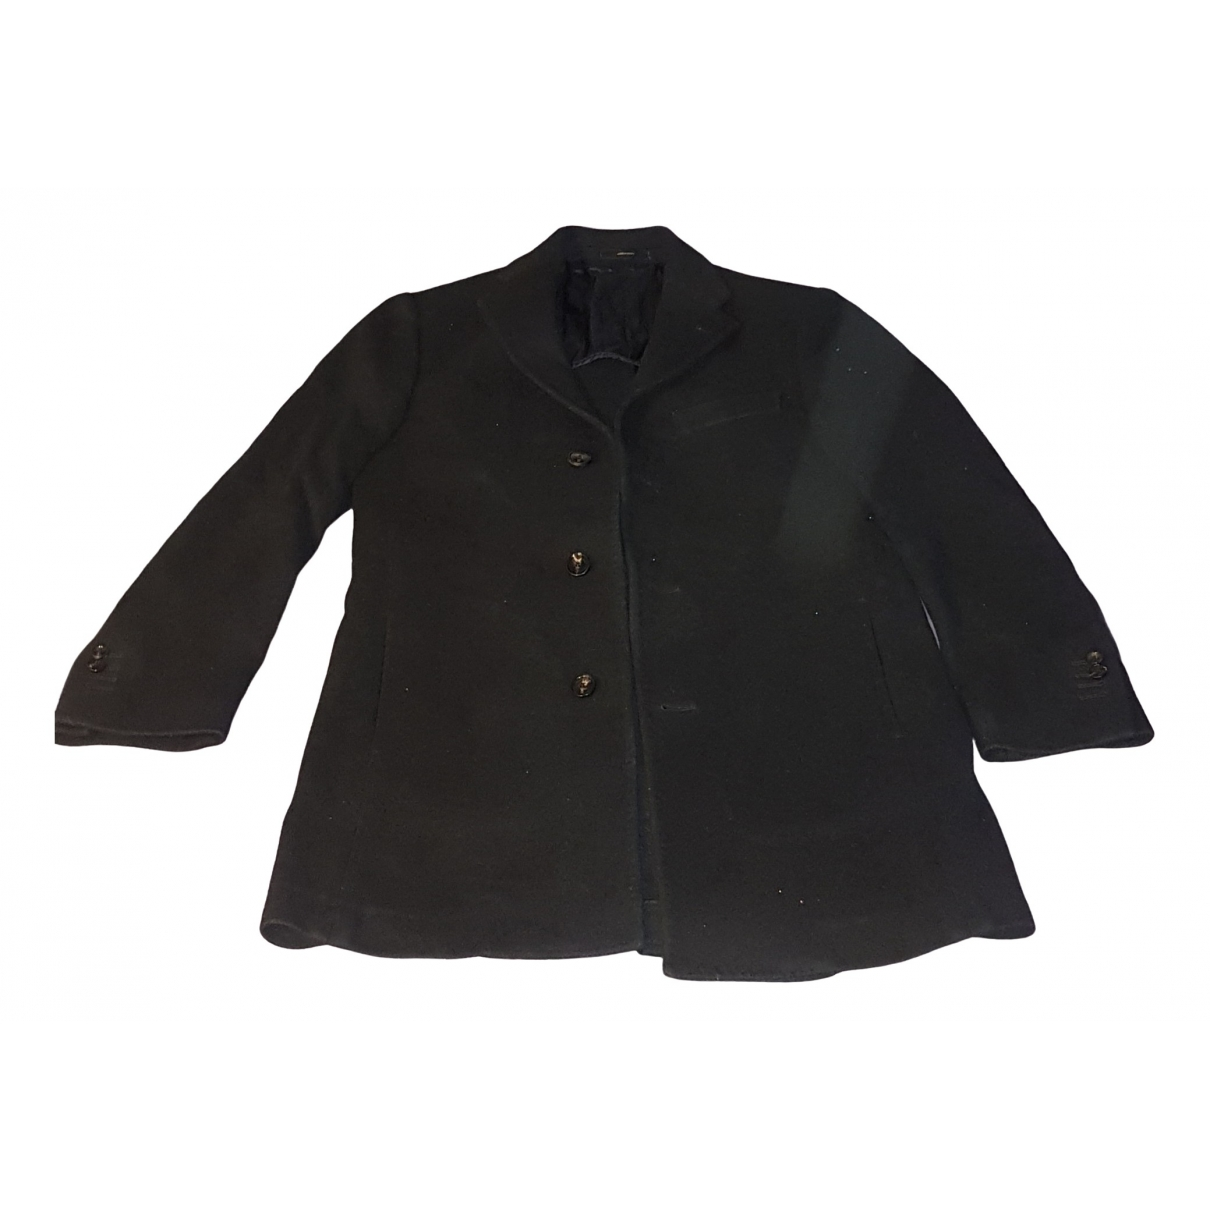 Massimo Dutti - Manteau   pour homme en coton - noir